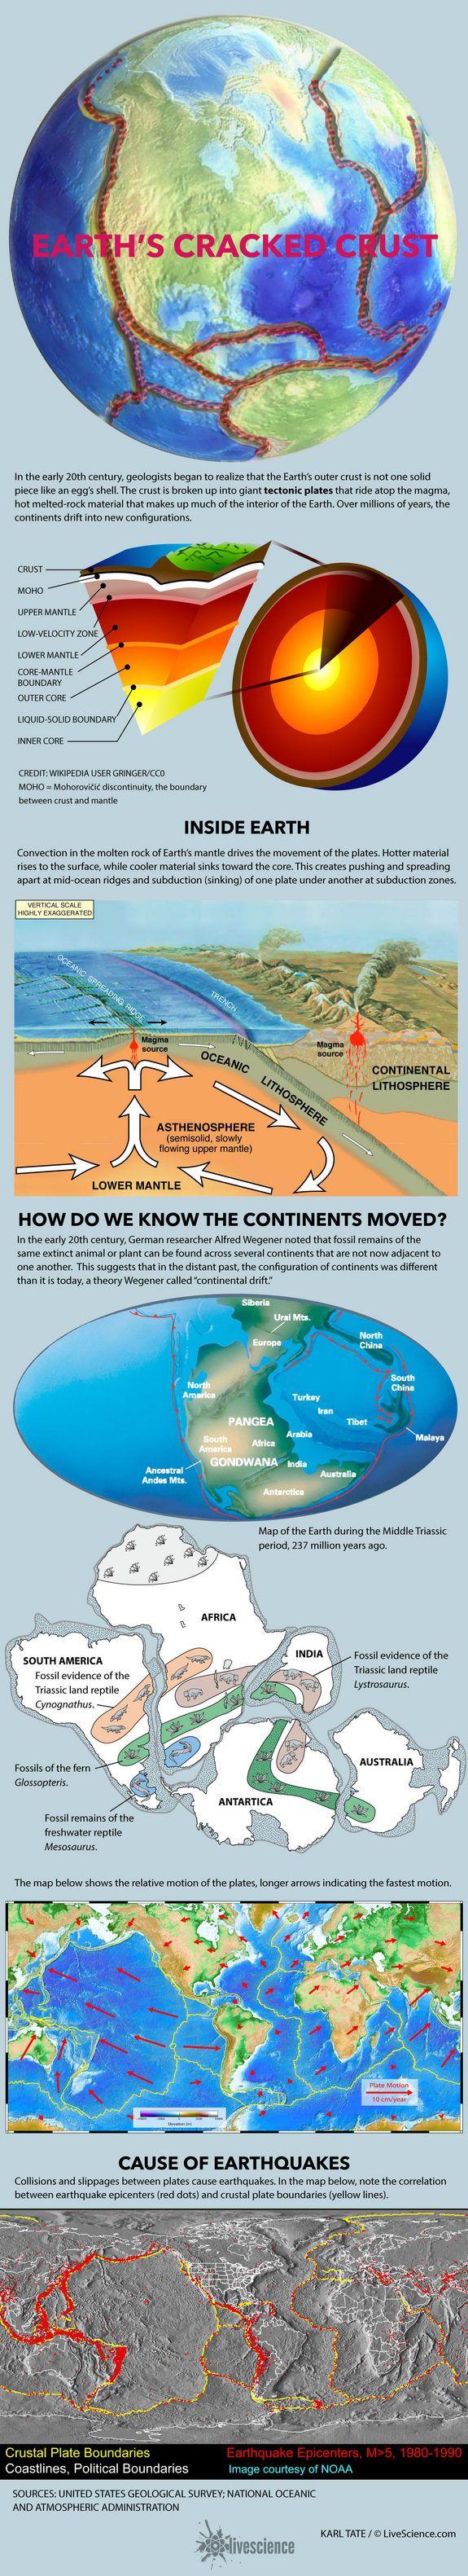 Placas tectonicas y deriva continental